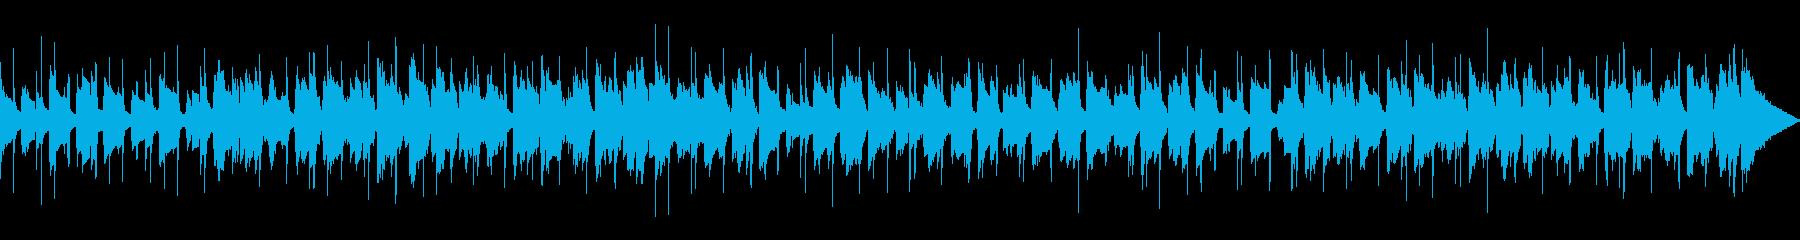 ほのぼの可愛い口笛ギター/尺違いありの再生済みの波形